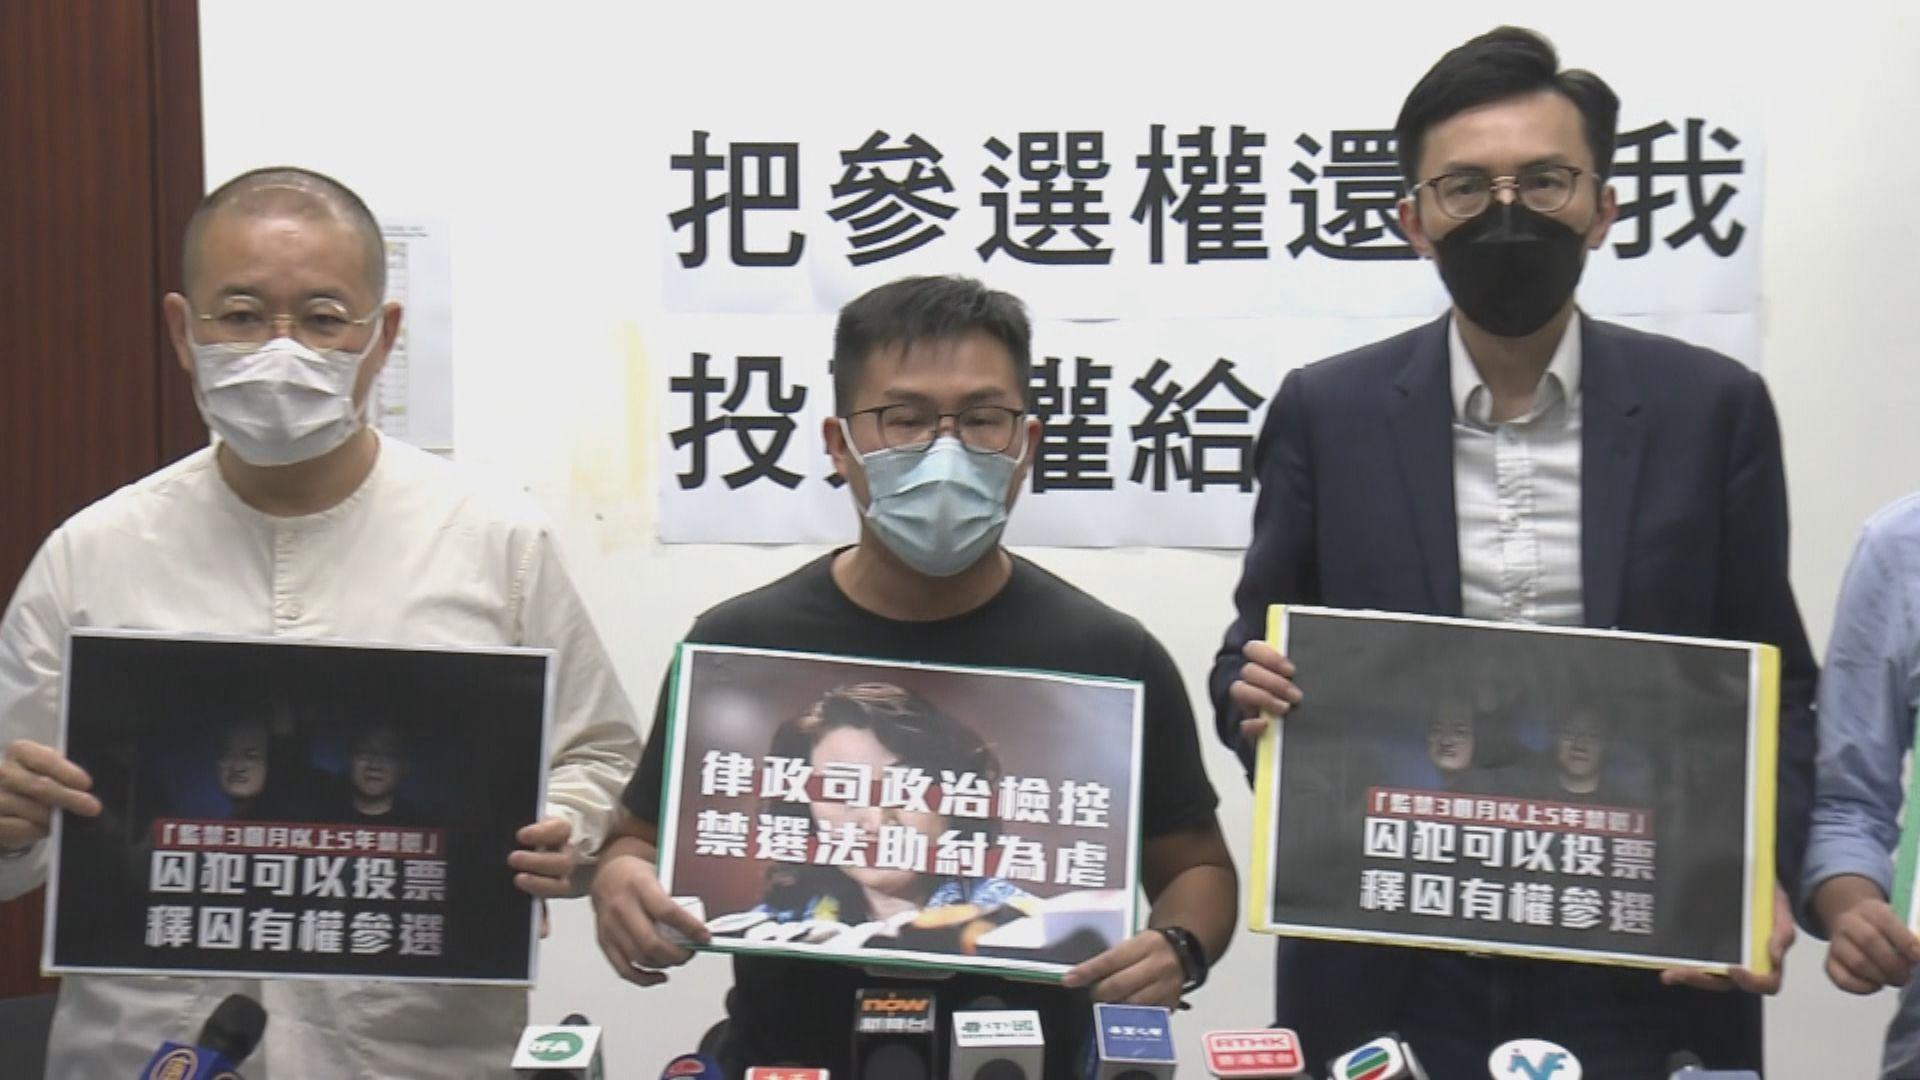 黃浩銘眾籌 覆核判囚三個月限制五年內不能參選規定